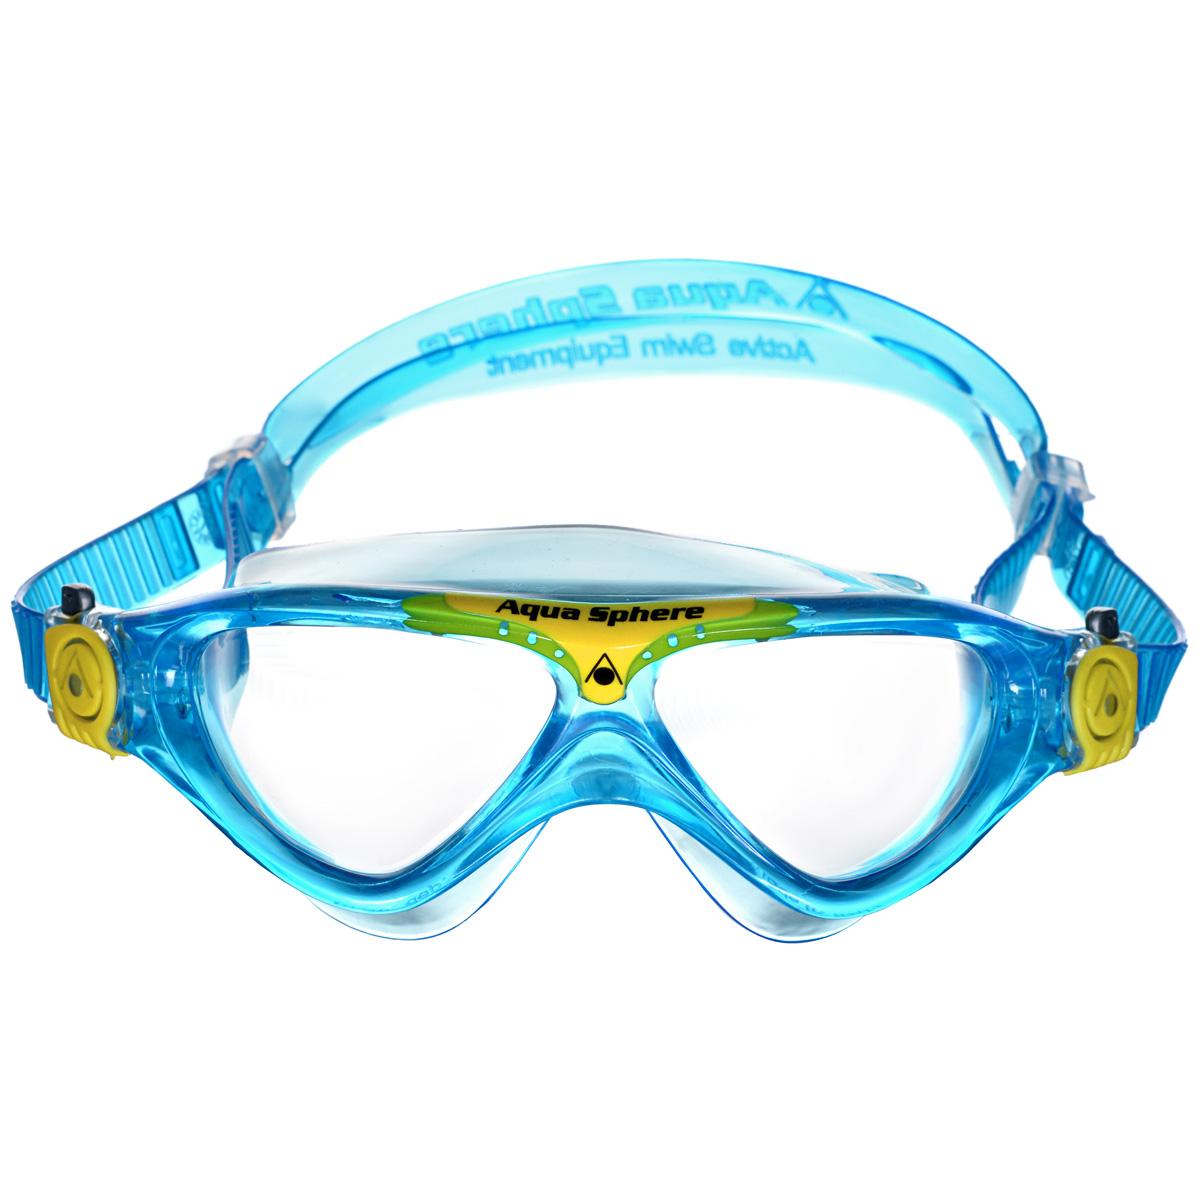 Очки для плавания Aqua Sphere Vista Junior, цвет: аквамарин, желтый220916Модные и стильные очки для плавания Aqua Sphere Vista Junior идеально подходят для плавания в бассейне или открытой воде. Оснащены линзами с антизапотевающим покрытием, которые устойчивы к появлению царапин. Мягкий комфортный обтюратор плотно прилегает к лицу.Запатентованные изогнутые линзы дают прекрасный обзор на 180° - без искажений. Очки дают 100% защиту от ультрафиолетового излучения спектра А и спектра В.Материал: плексисол, силикон.